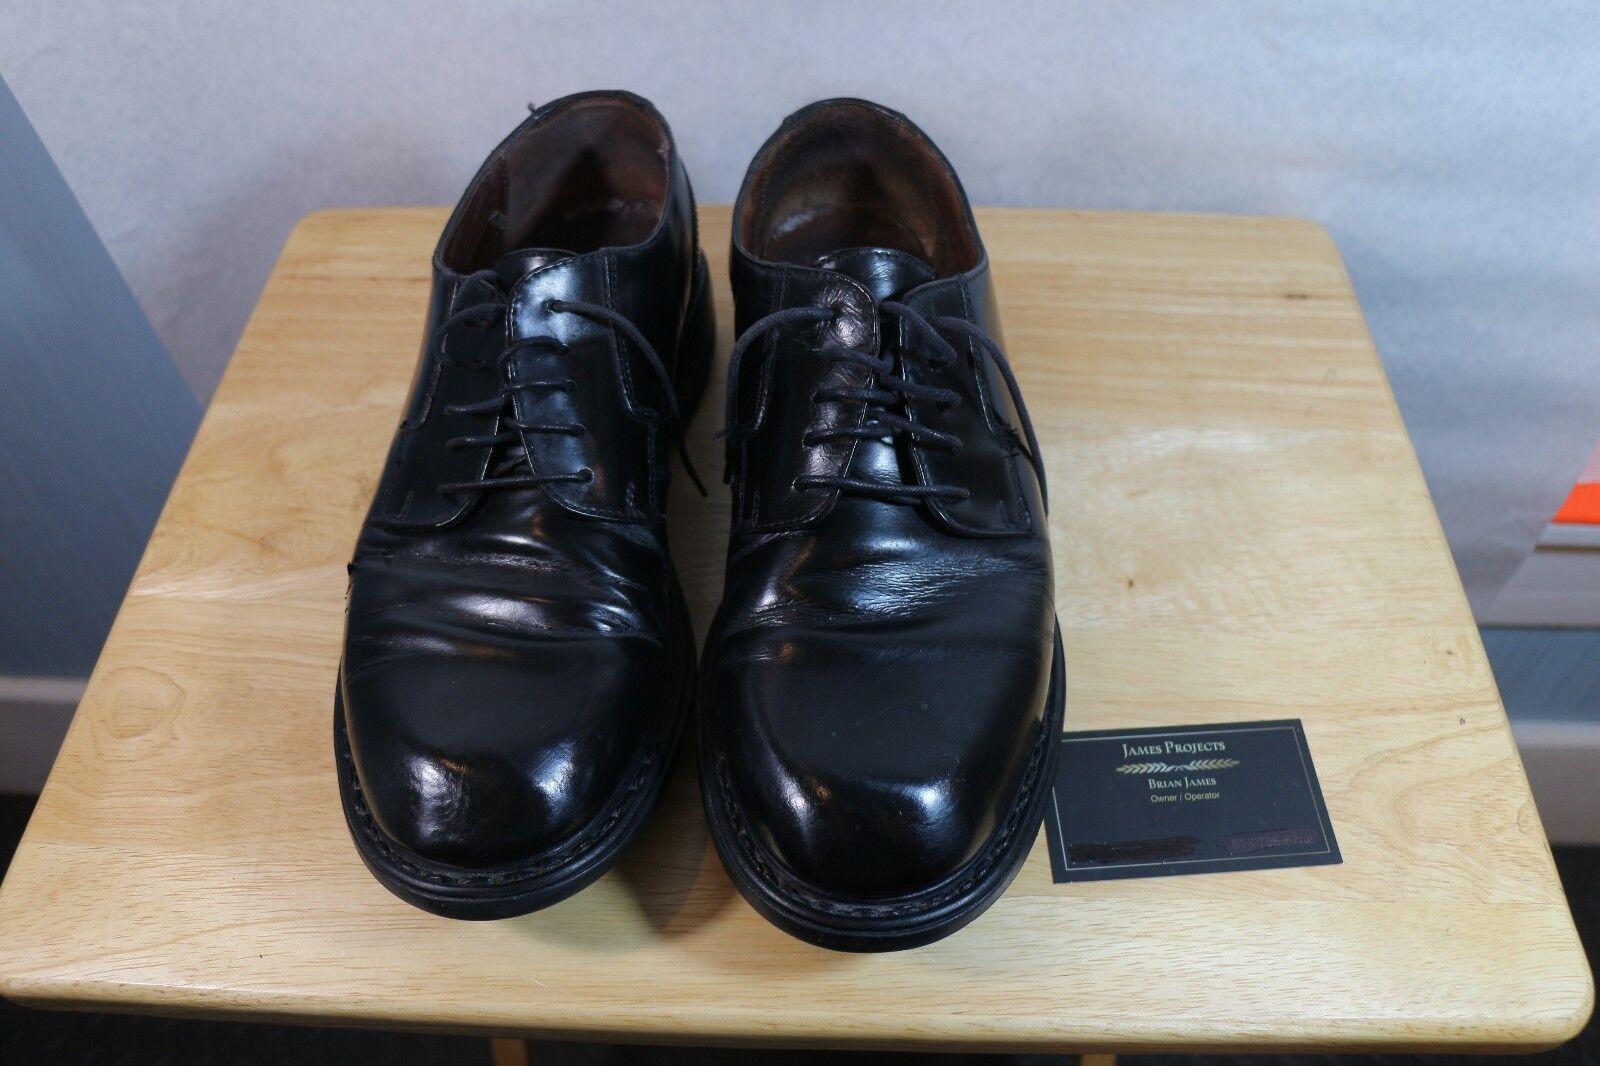 Kenneth Cole Reaction Black Oxfords Men's size 9.5 M Dress Shoes